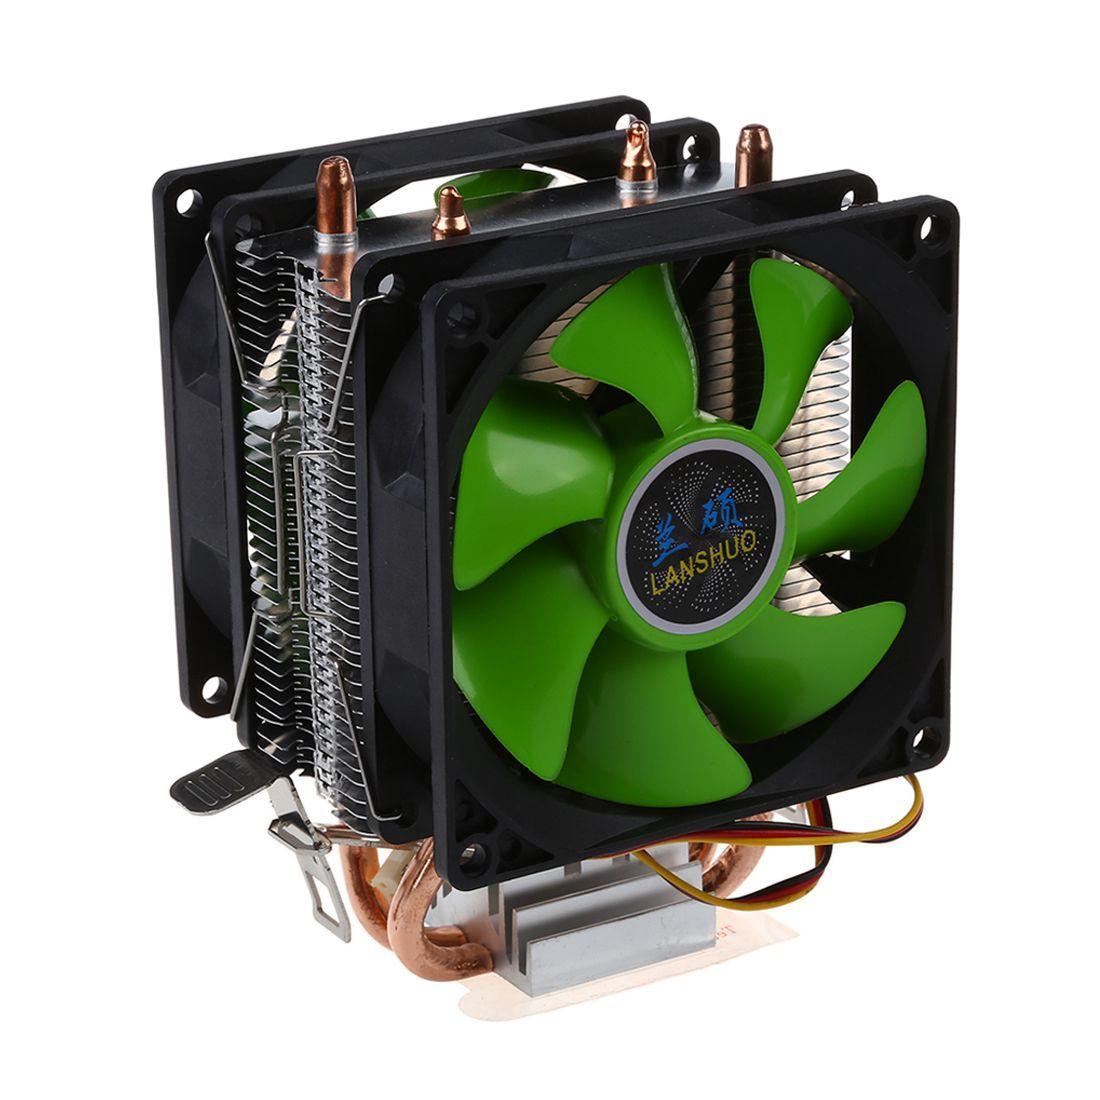 Процессор охладитель Silent Fan для Intel LGA775/1156/1155